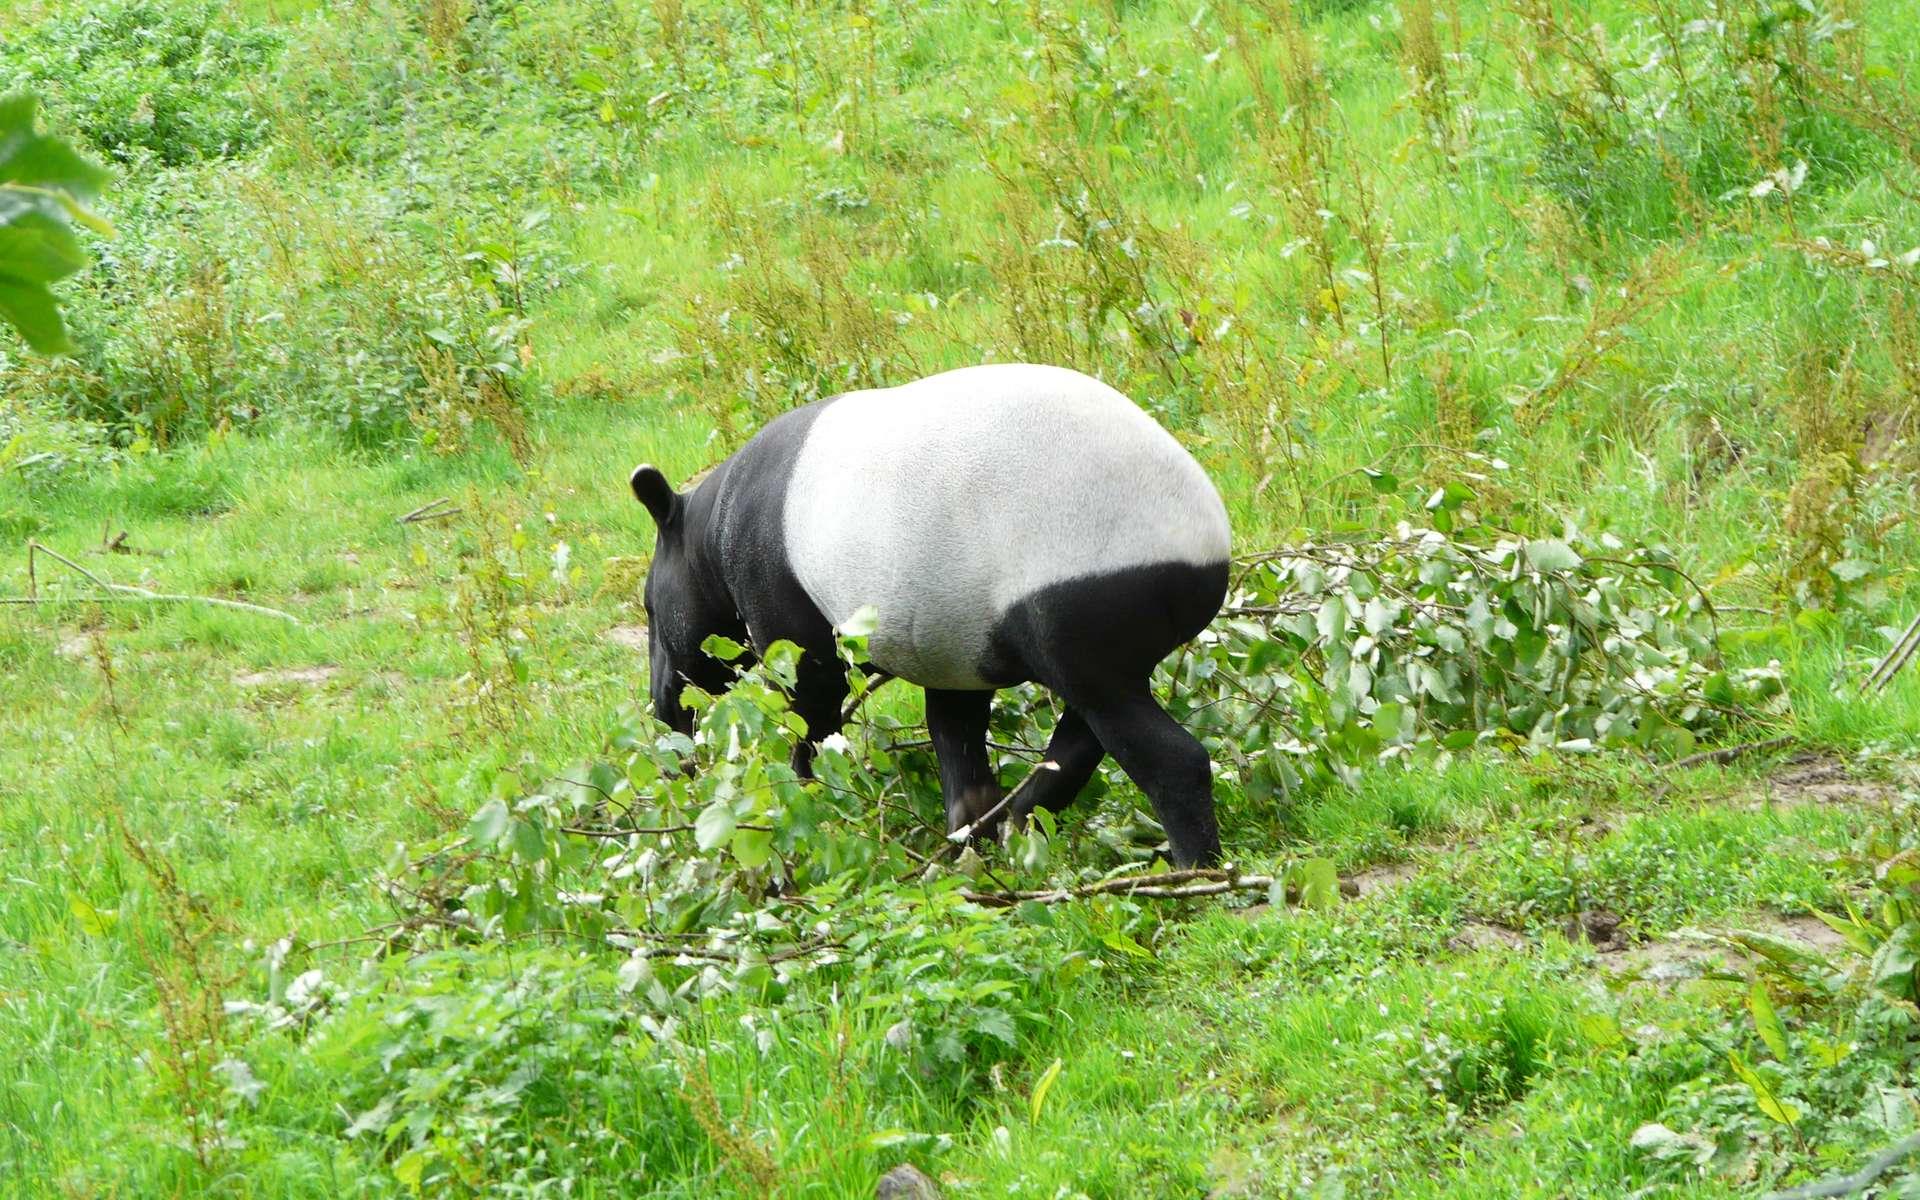 Le coloris bicolore du tapir de Malaisie sert au camouflage. Elle casse la silhouette de l'animal, ce qui lui permet d'échapper aux prédateurs. On retrouve la même tonalité de couleurs chez le panda géant. © Patrick Straub